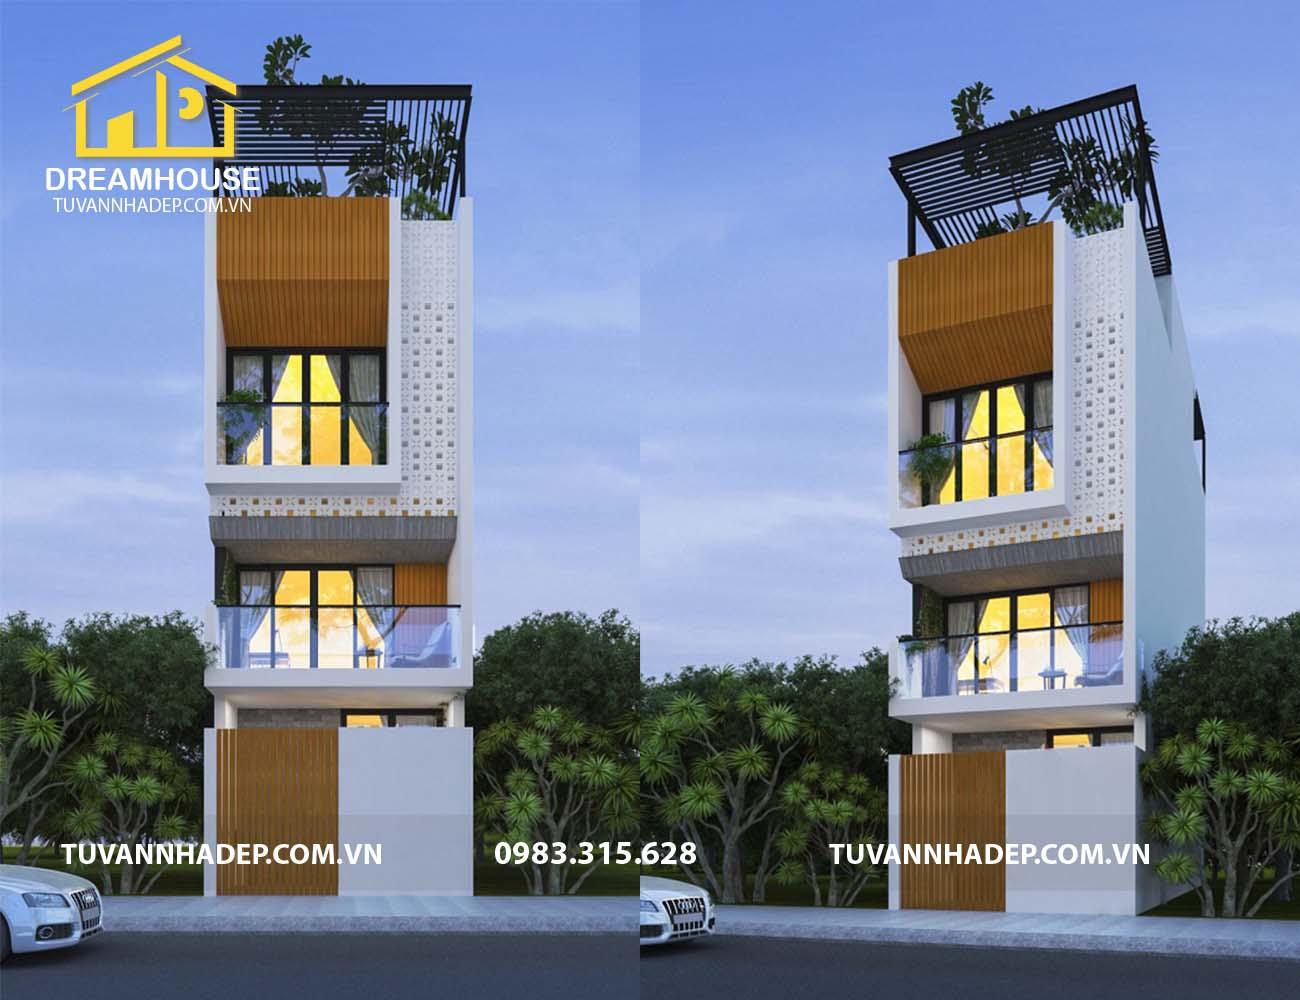 Mẫu thiết kế nhà phố hiện đại 4 tầng 54m2